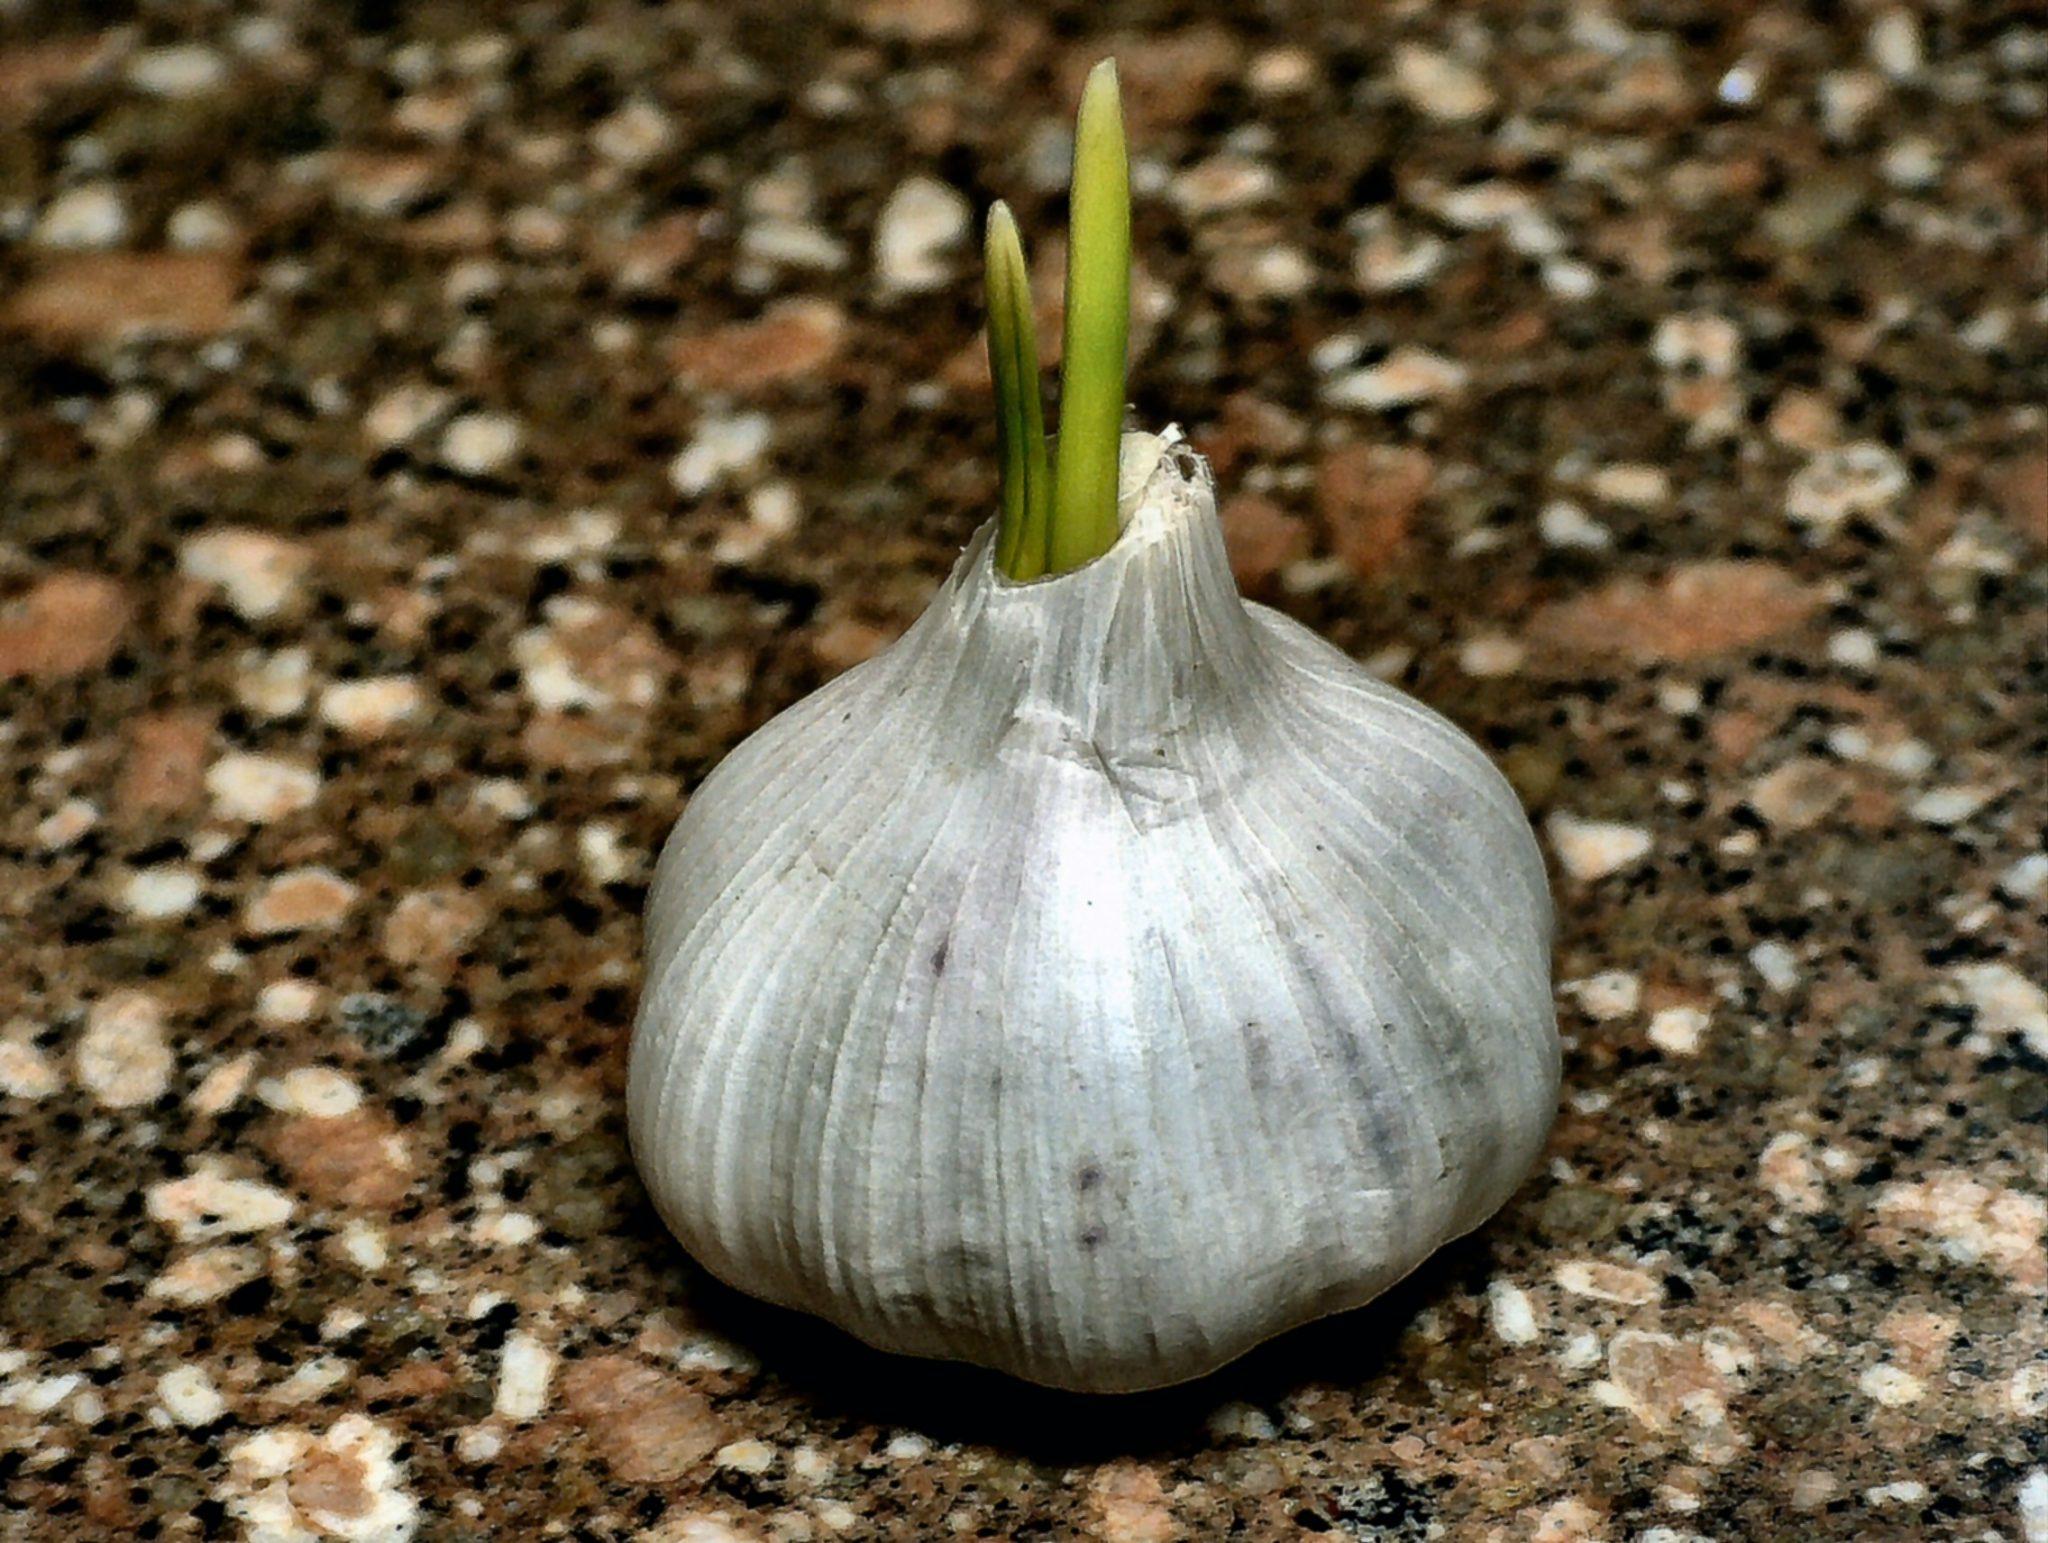 Китайский чеснок: фото, что это такое, можно есть или нельзя, полезен ли и чем вреден, опасен или нет, почему зеленеет, а также как отличить от российского? русский фермер